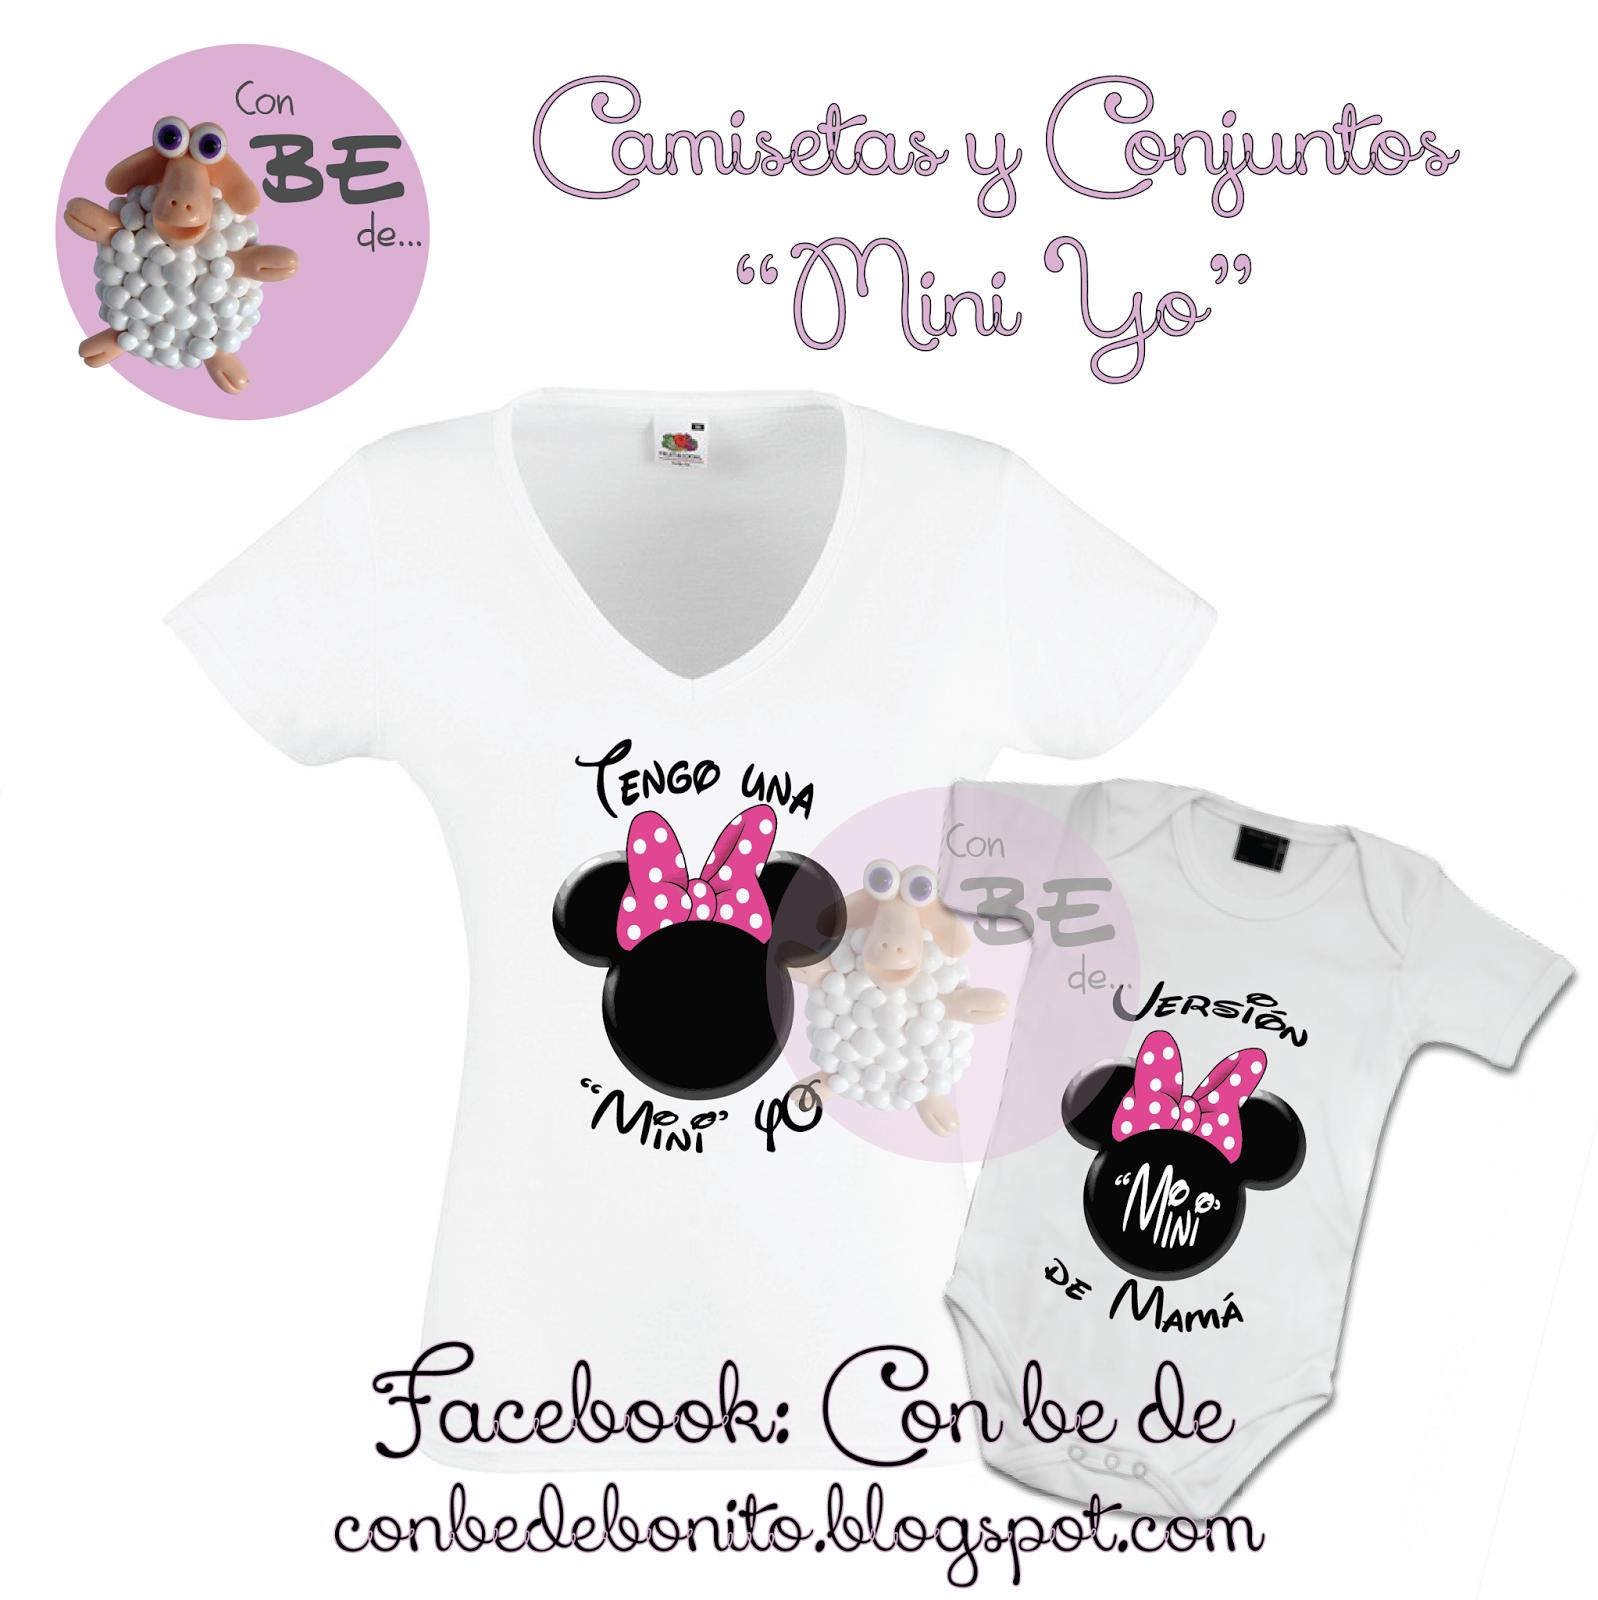 http://conbedebonito.blogspot.com.es/2015/03/camisetas-y-conjuntos-mini-yo.html